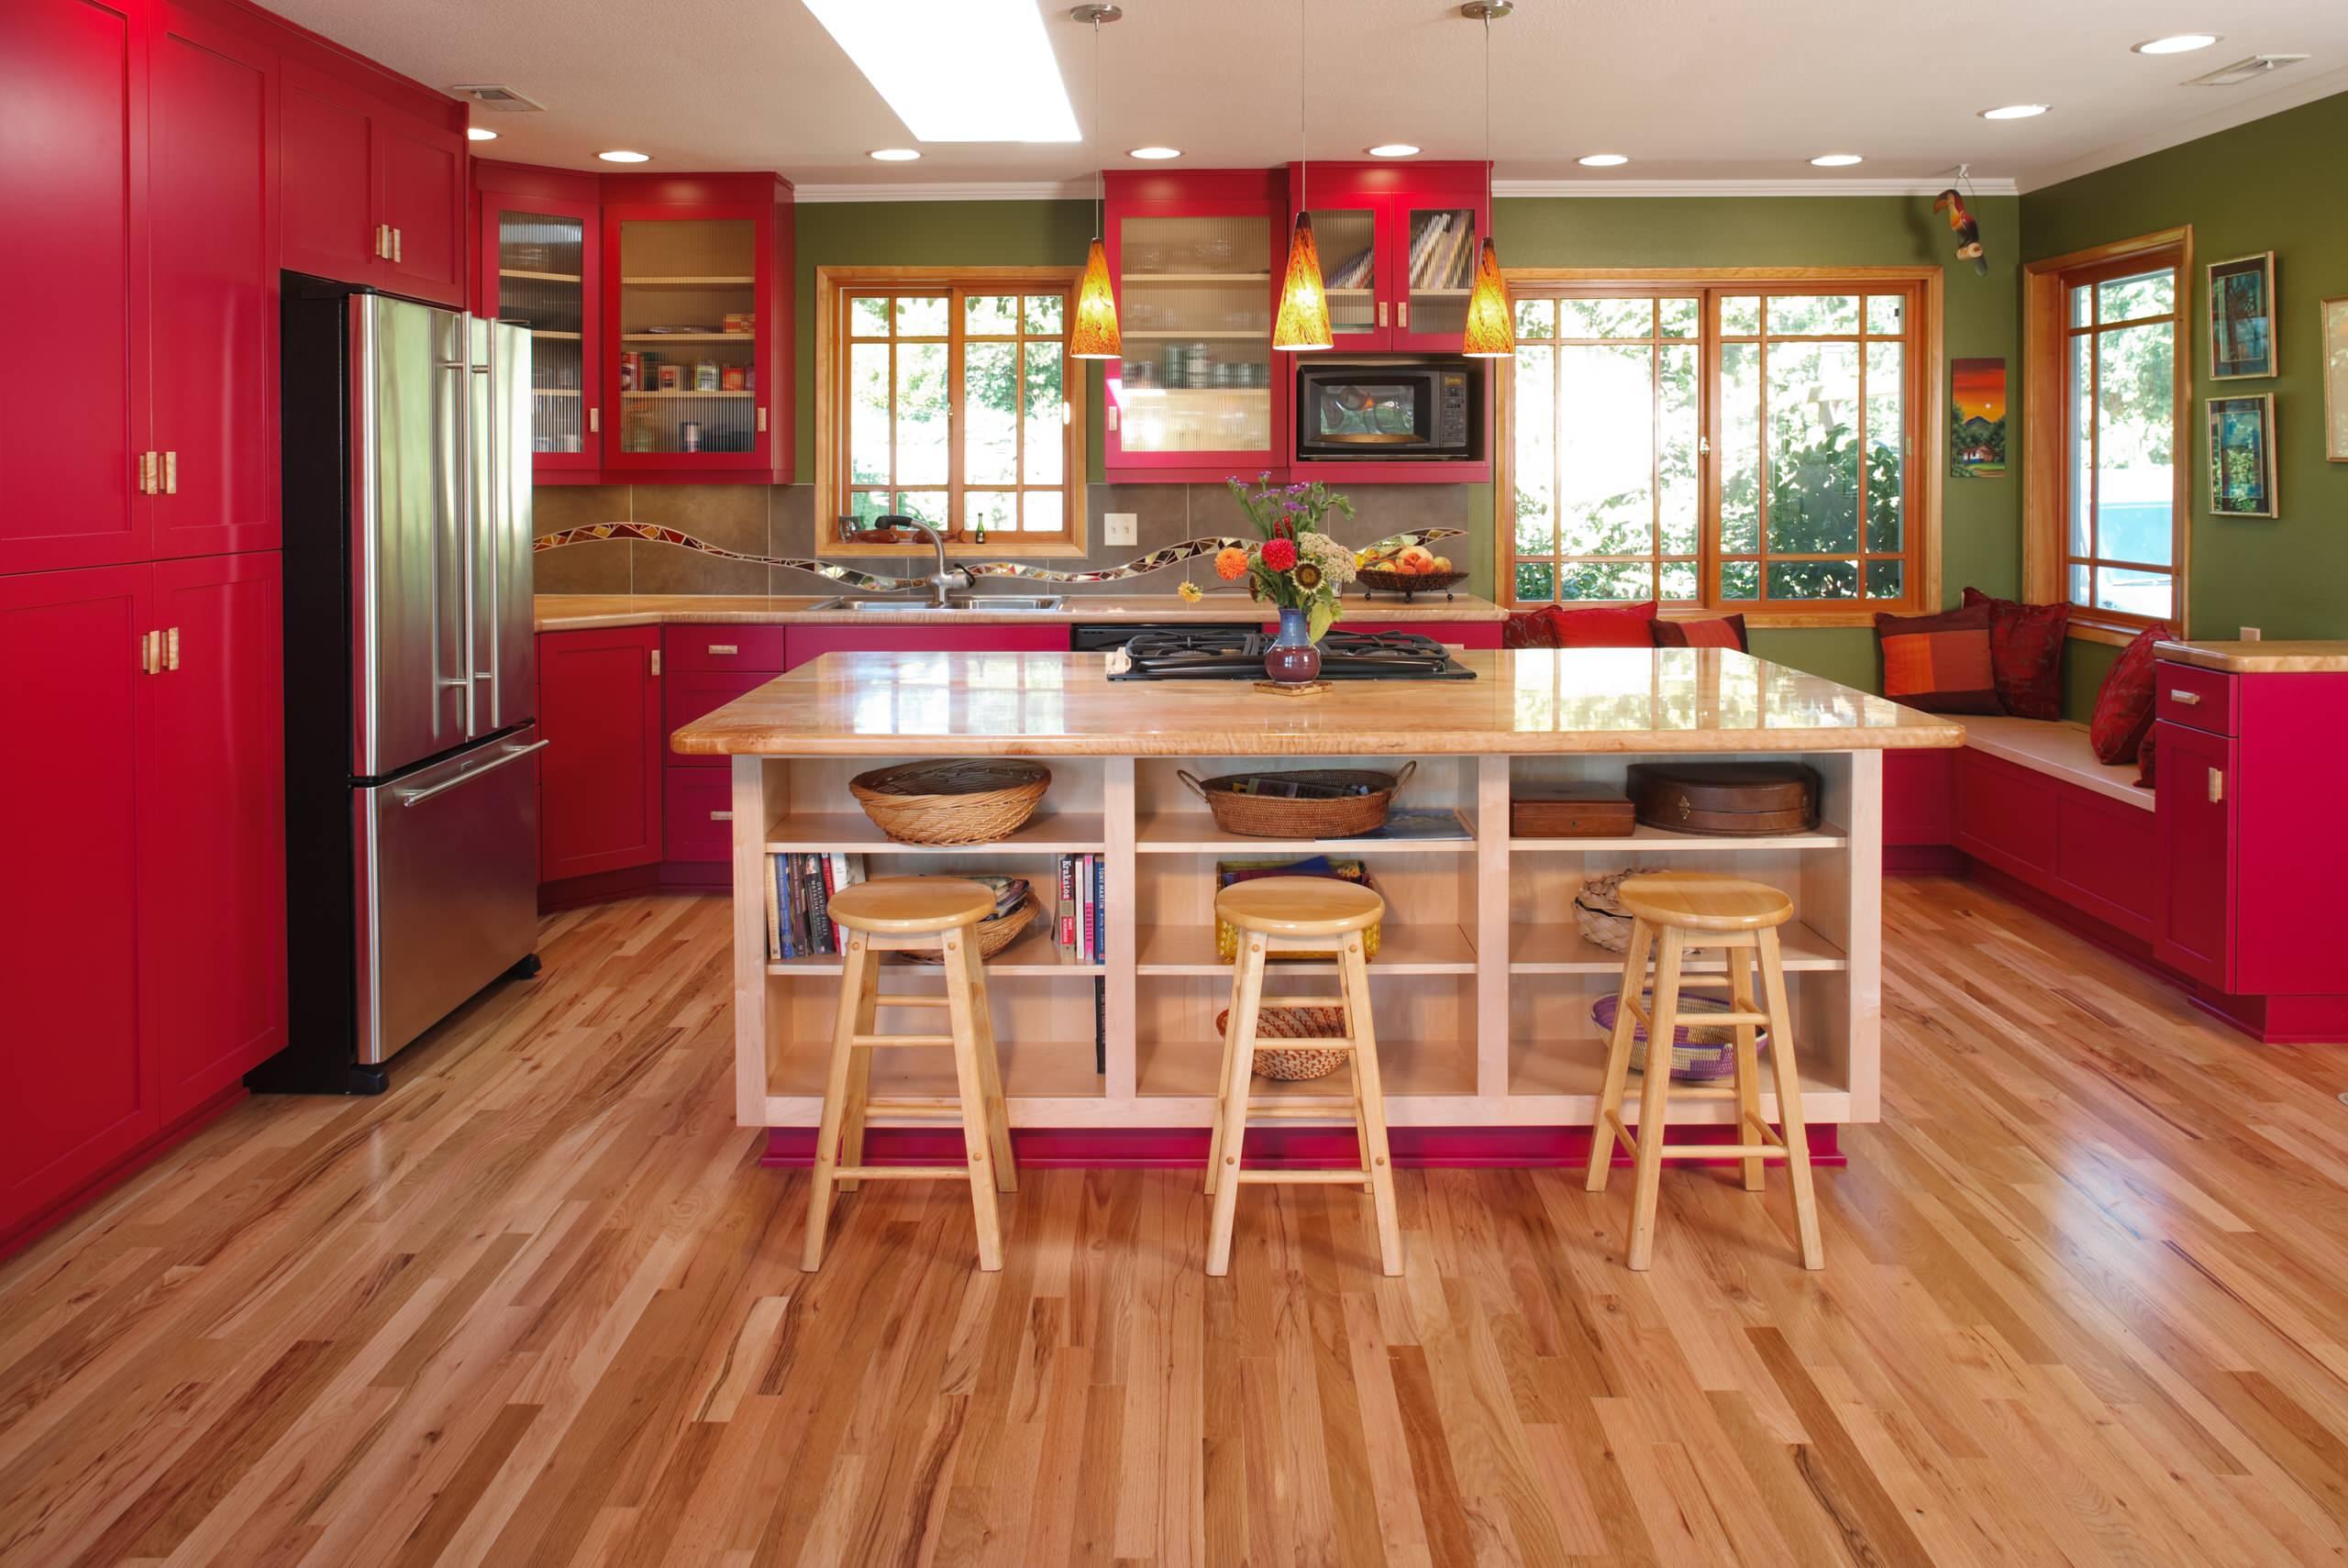 Cranberry Color Kitchen Ideas Photos Houzz